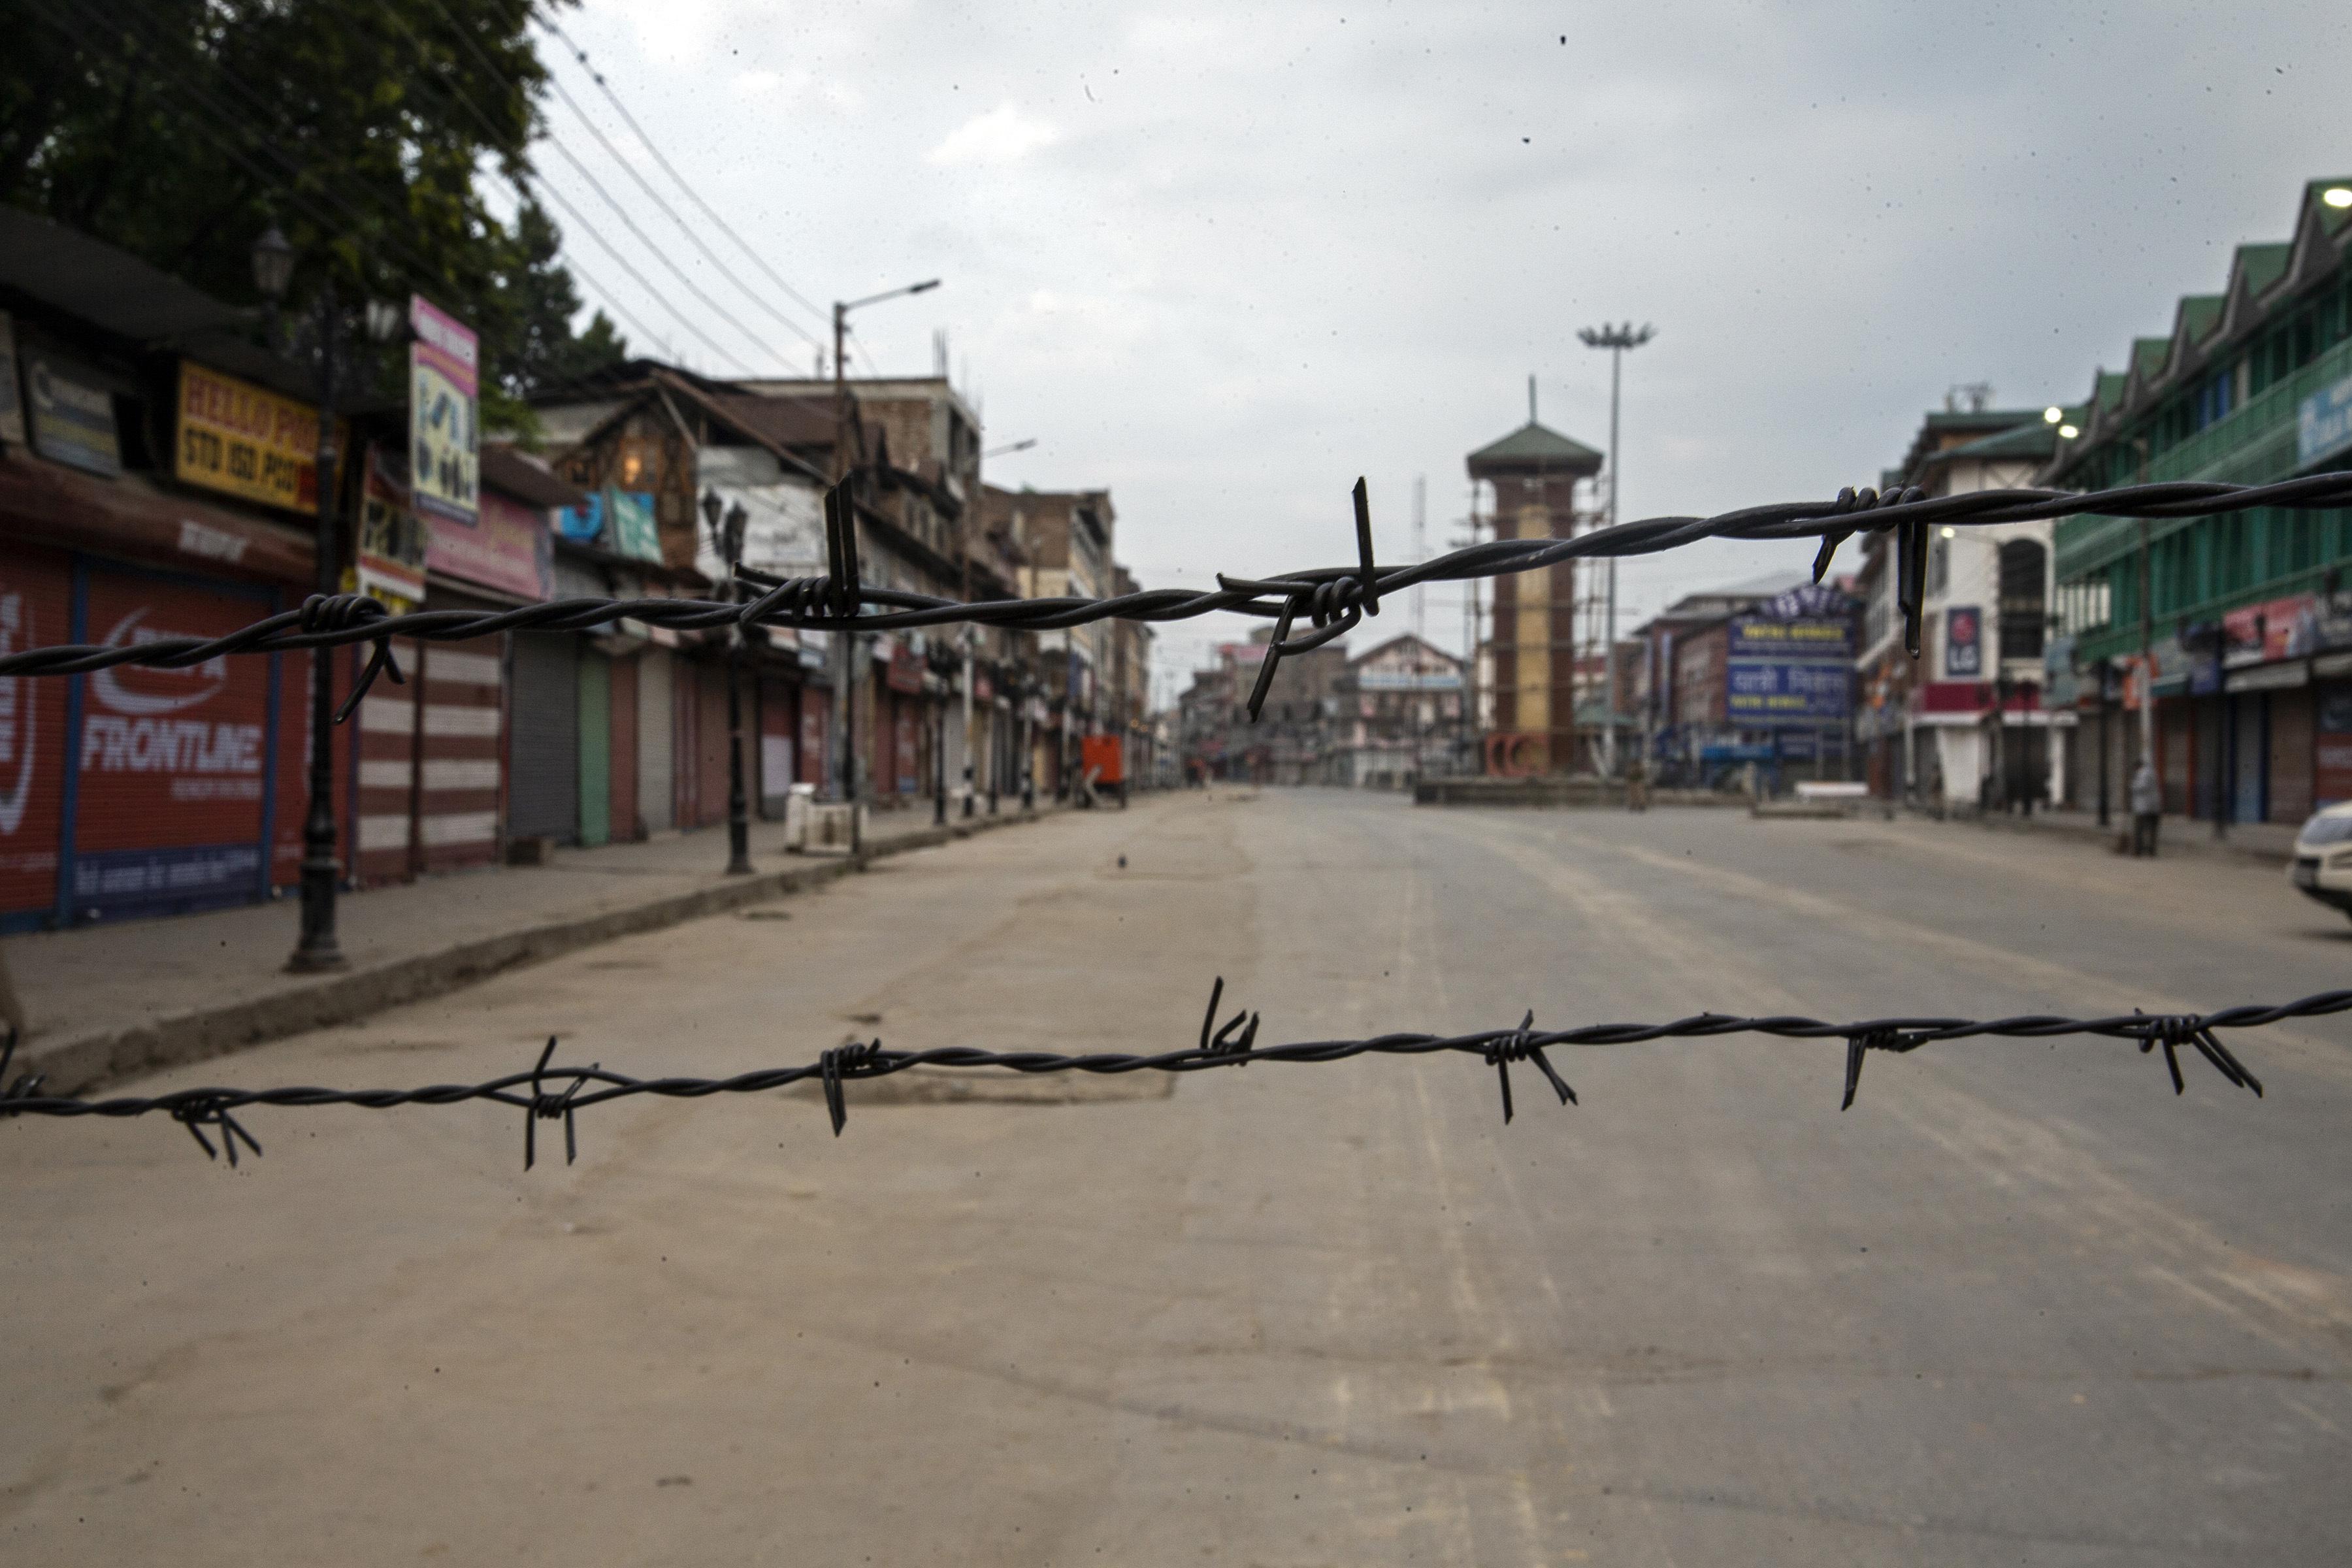 Una calle desierta se ve a través del alambre de púas creado como un bloqueo durante el toque de queda en Srinagar, Cachemira controlada por la India, el 6 de agosto de 2019. (Foto AP / Dar Yasin)